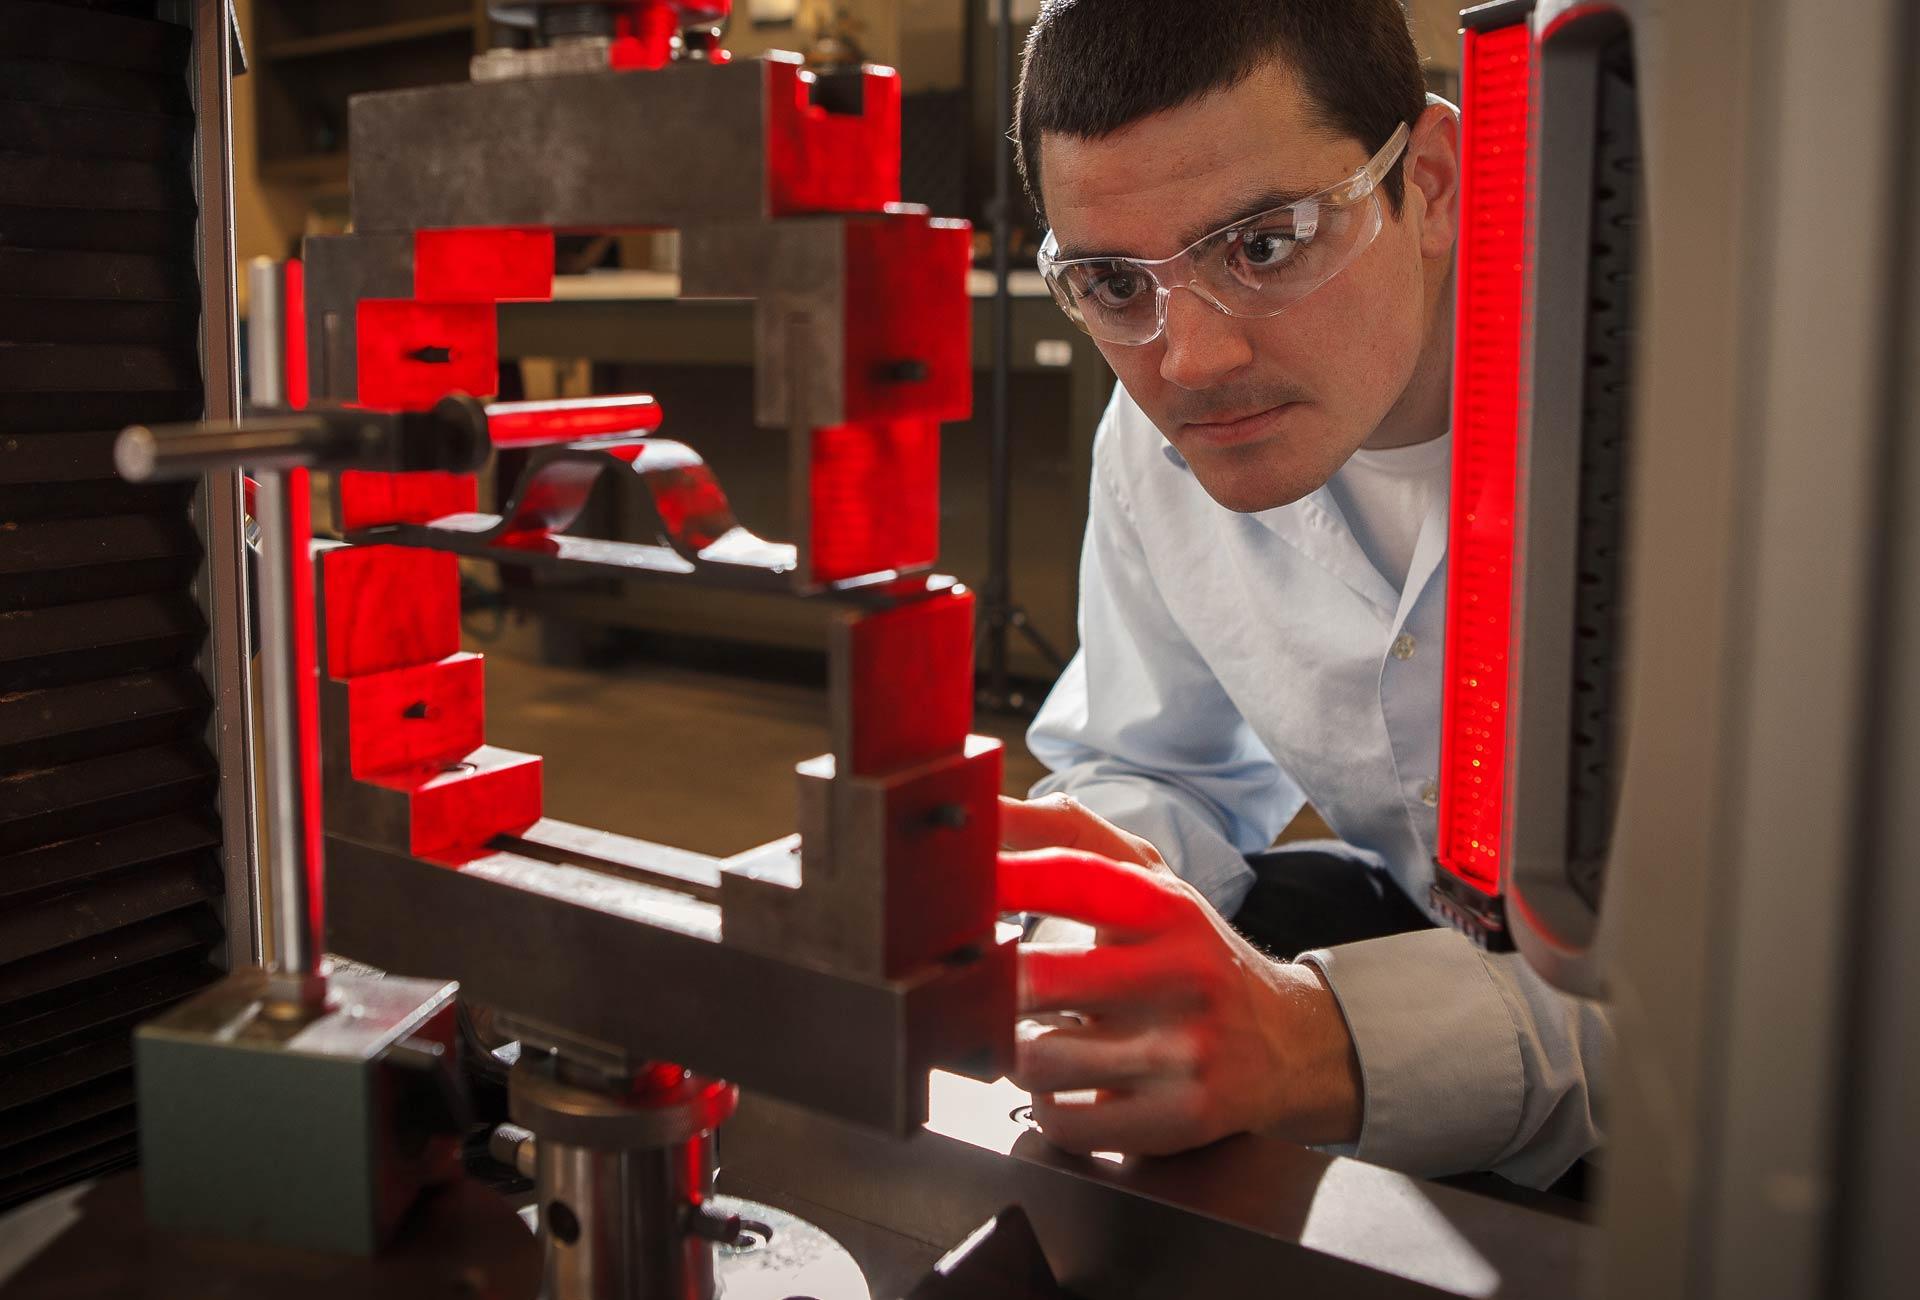 Un étudiant de la Faculté de génie portant un uniforme de laboratoire et des lunettes protectrices manipule des instruments lors d'une expérience scientifique.